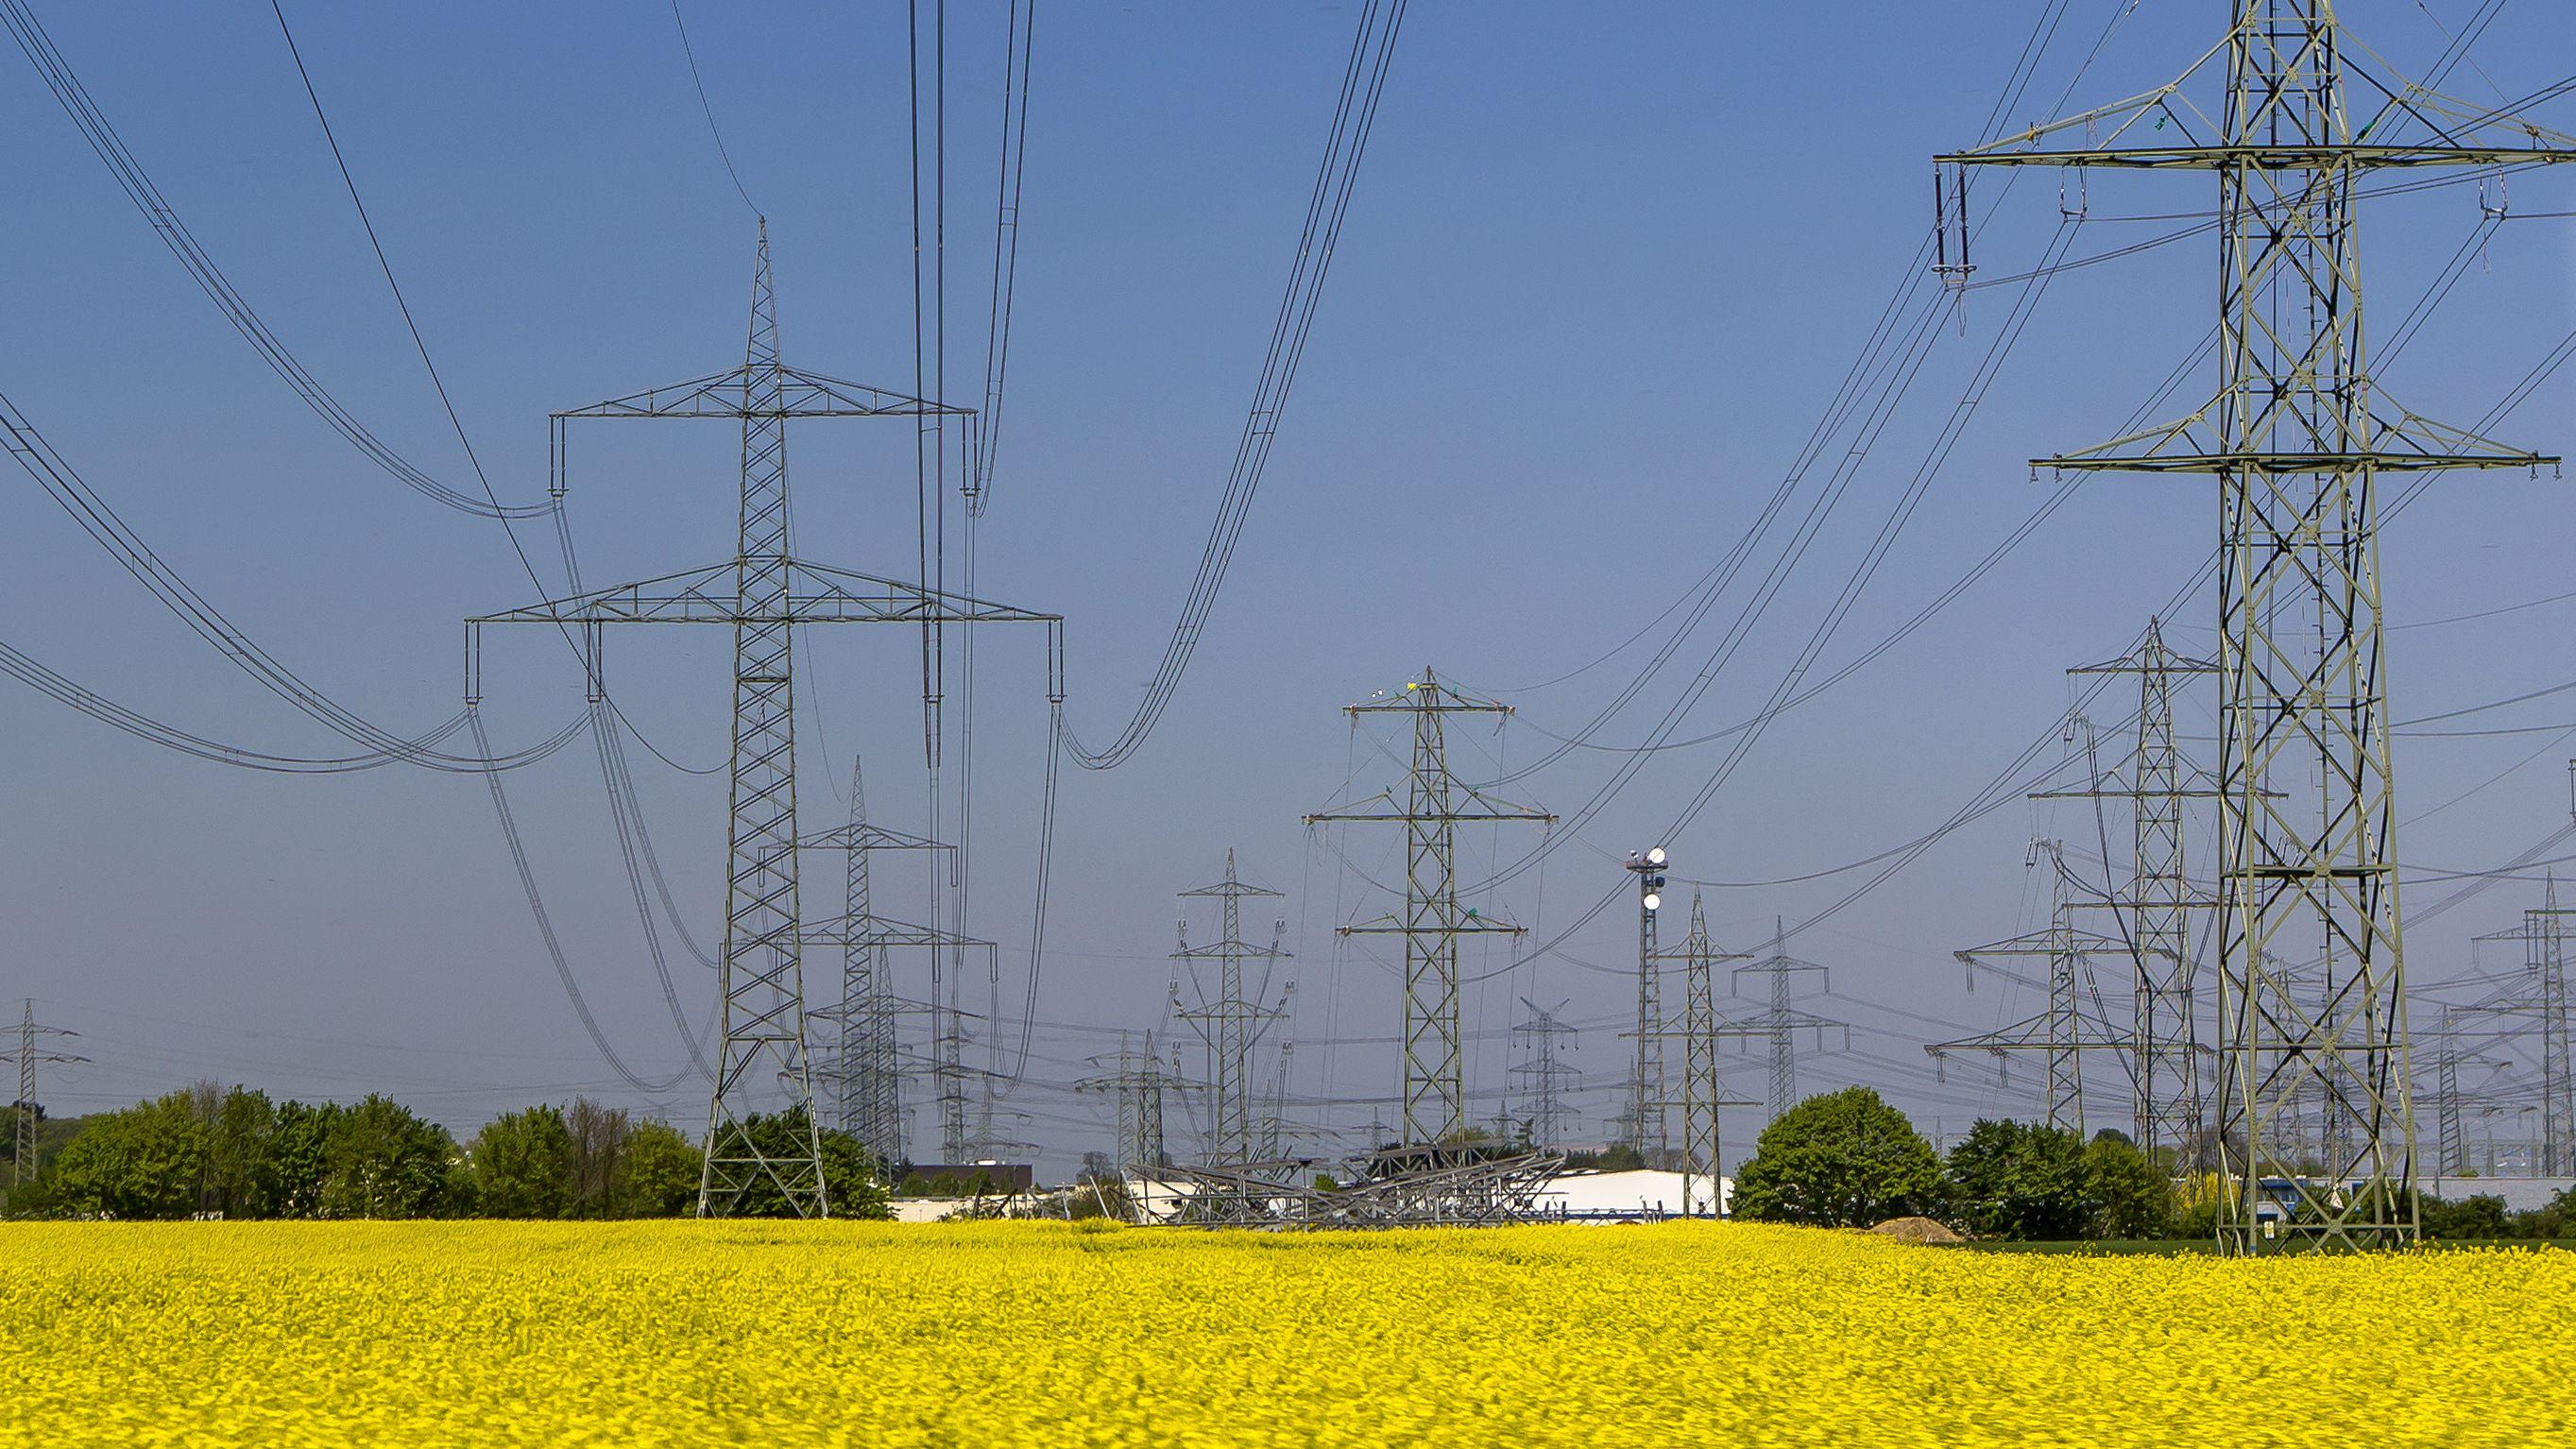 Mehrere Stromtrassen verlaufen über ein Rapsfeld